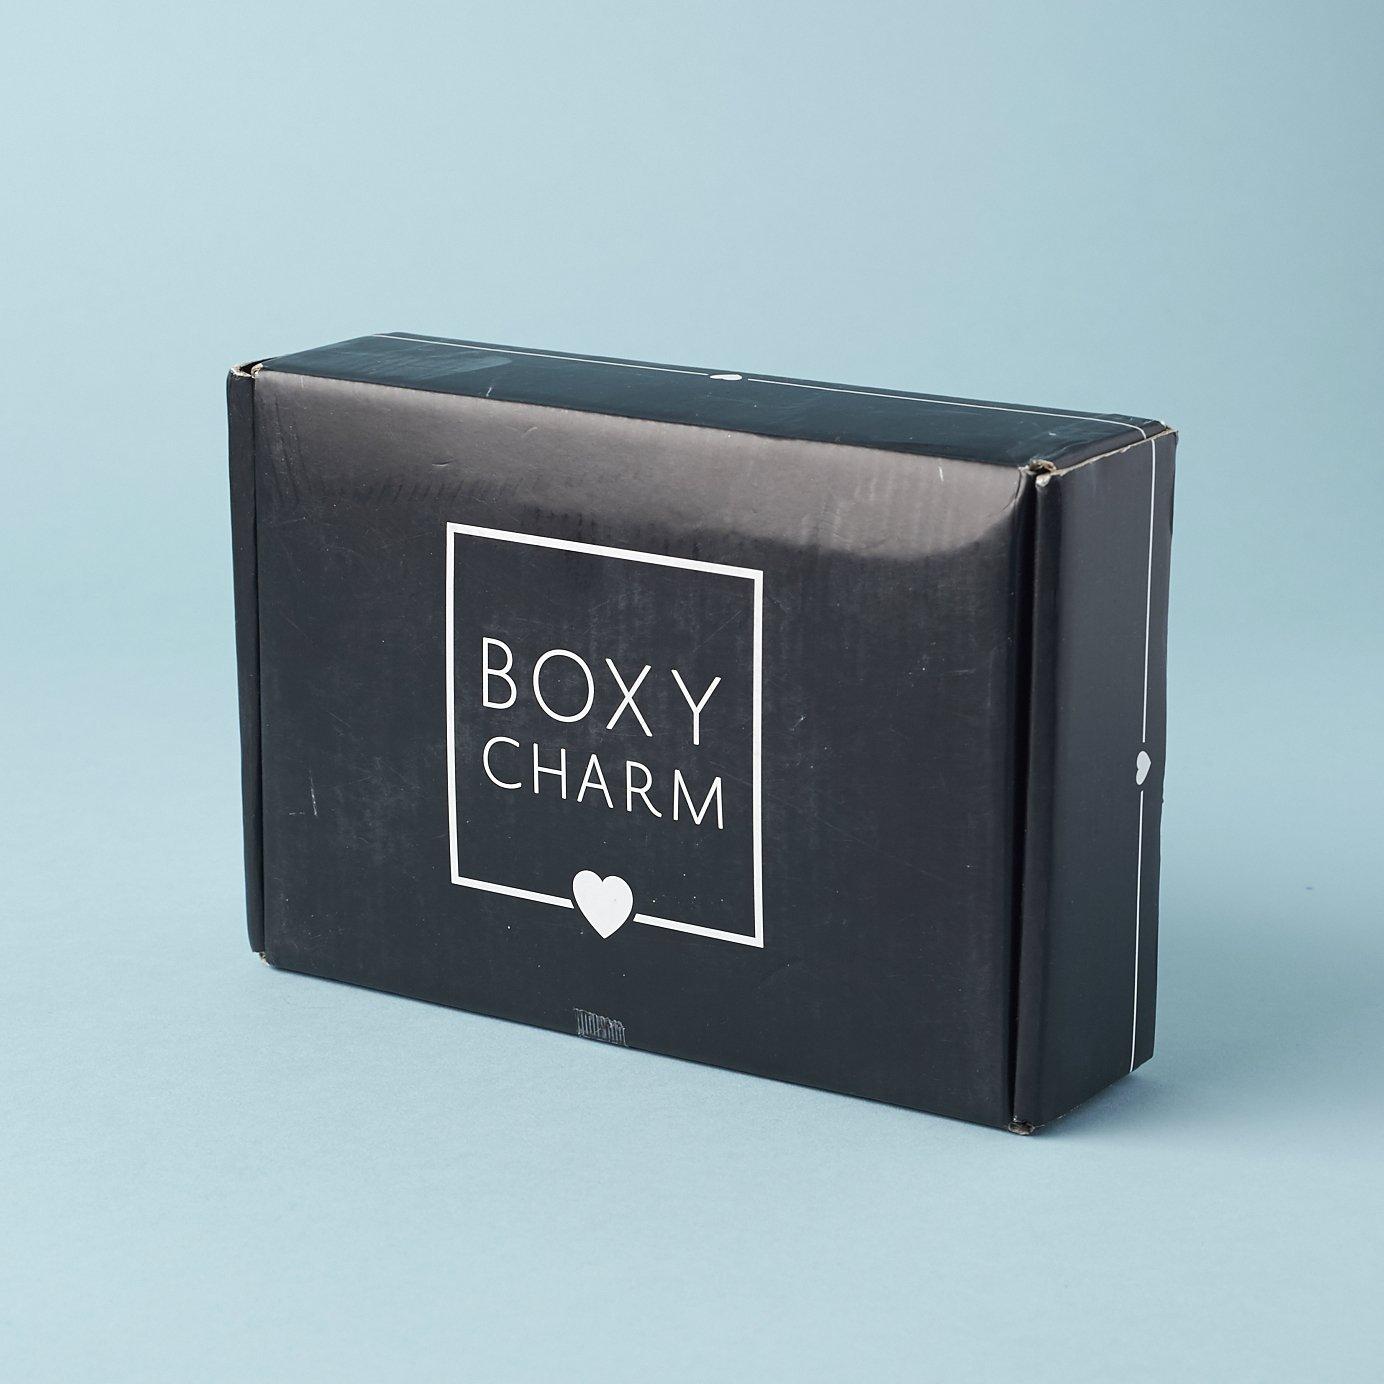 Boxy-charm-january-2017-0001